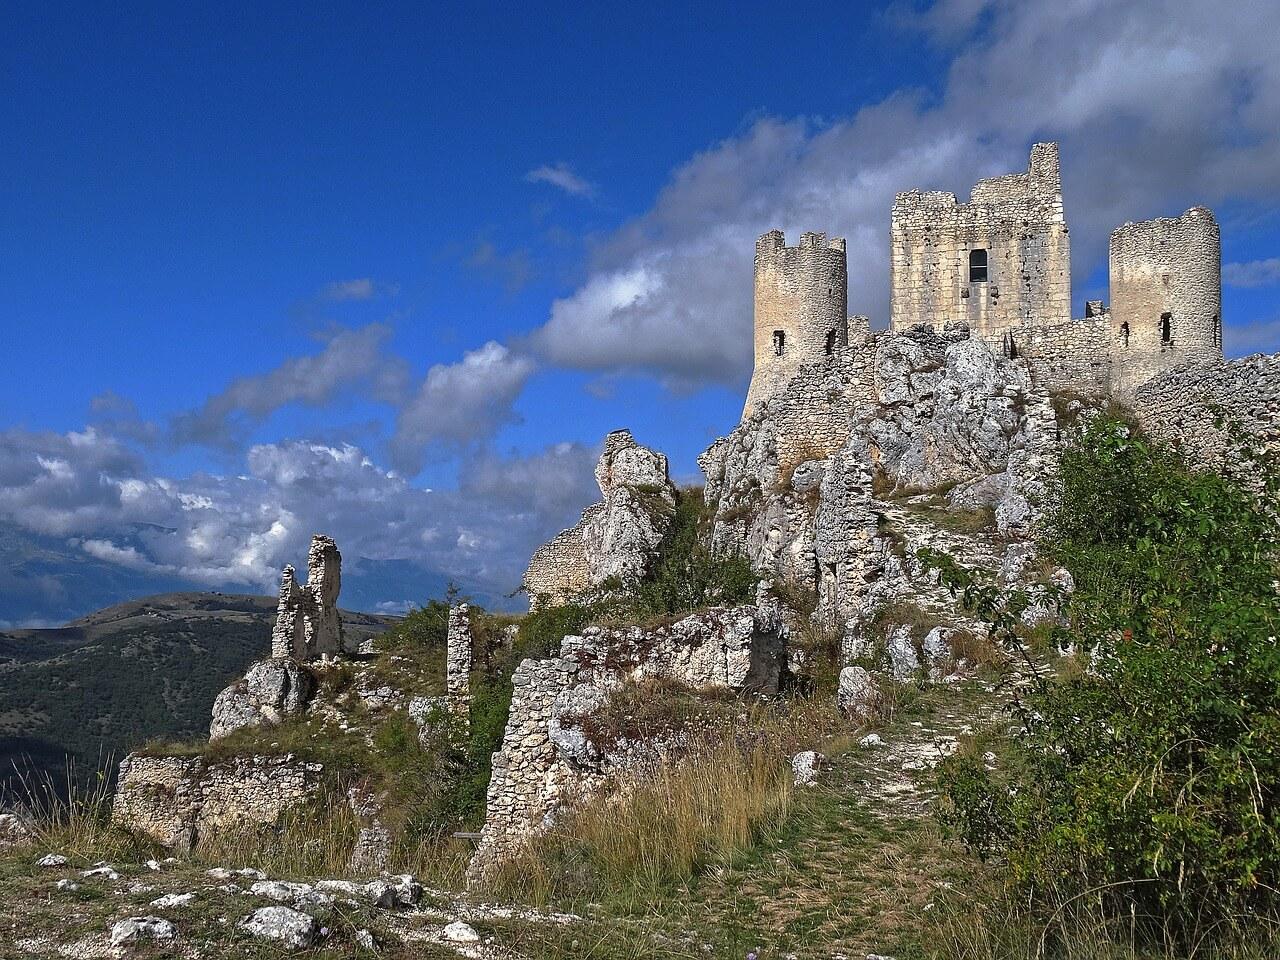 孤高の城・ロッカ・カラーショ